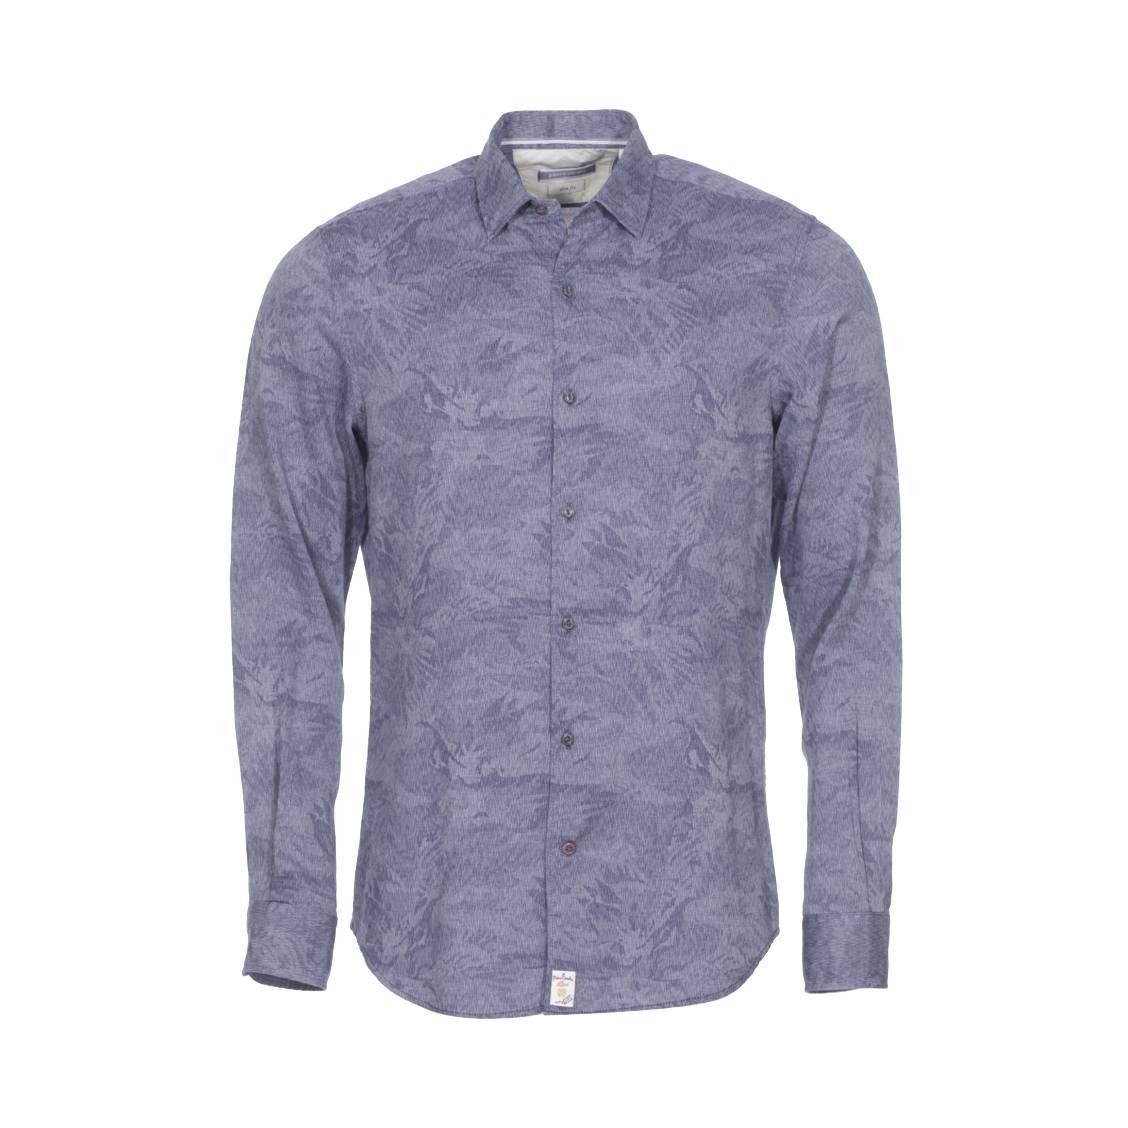 Chemise cintrée  en coton bleu denim fantaisie à tissage chevrons